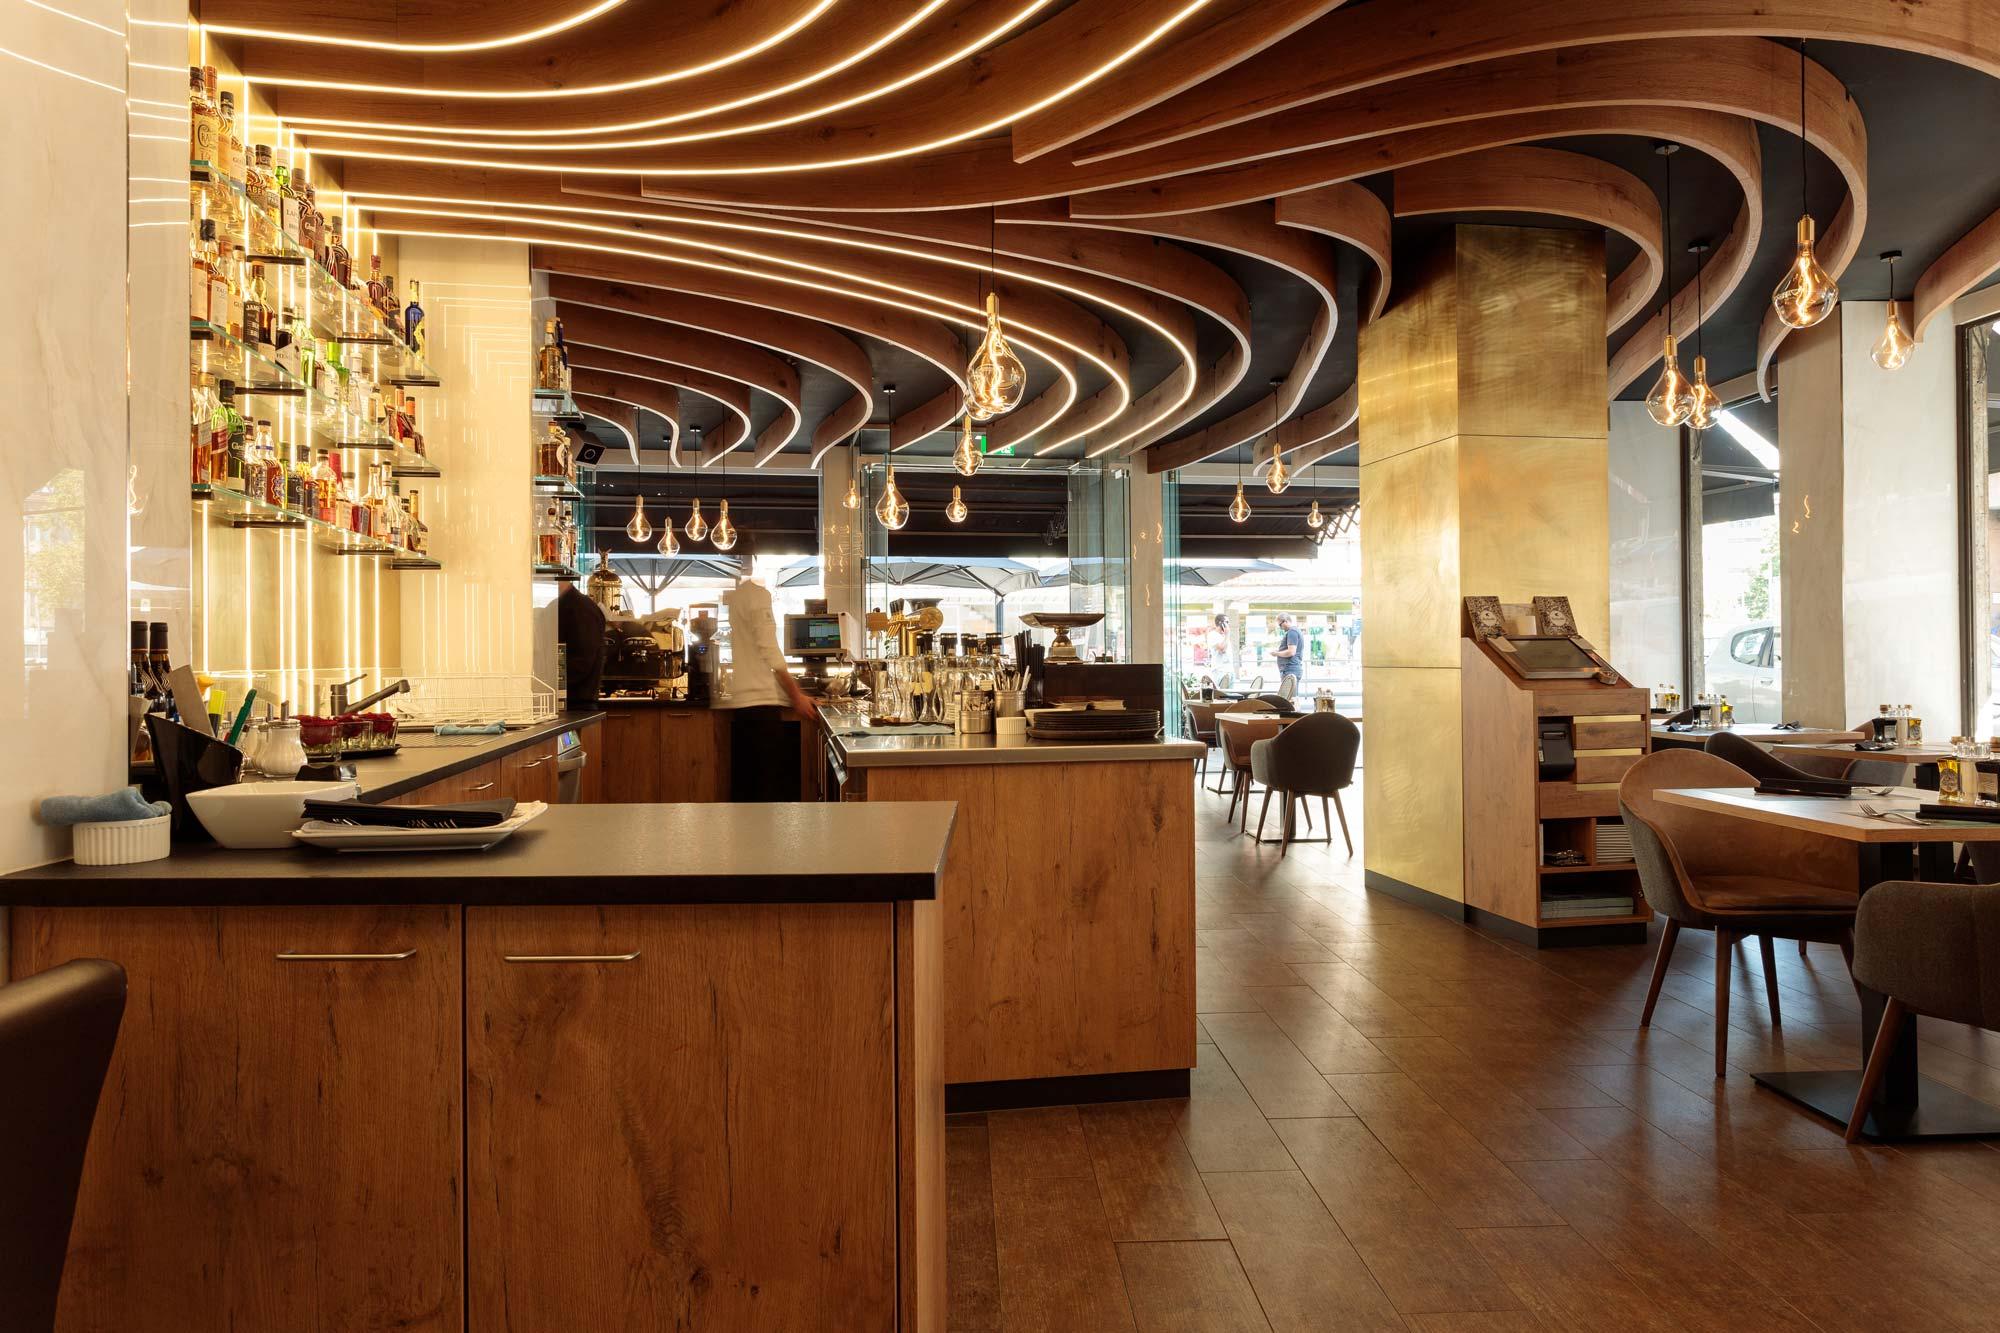 wandgestaltung-restaurant-in-muenchen-wandpaneele-aus-messing